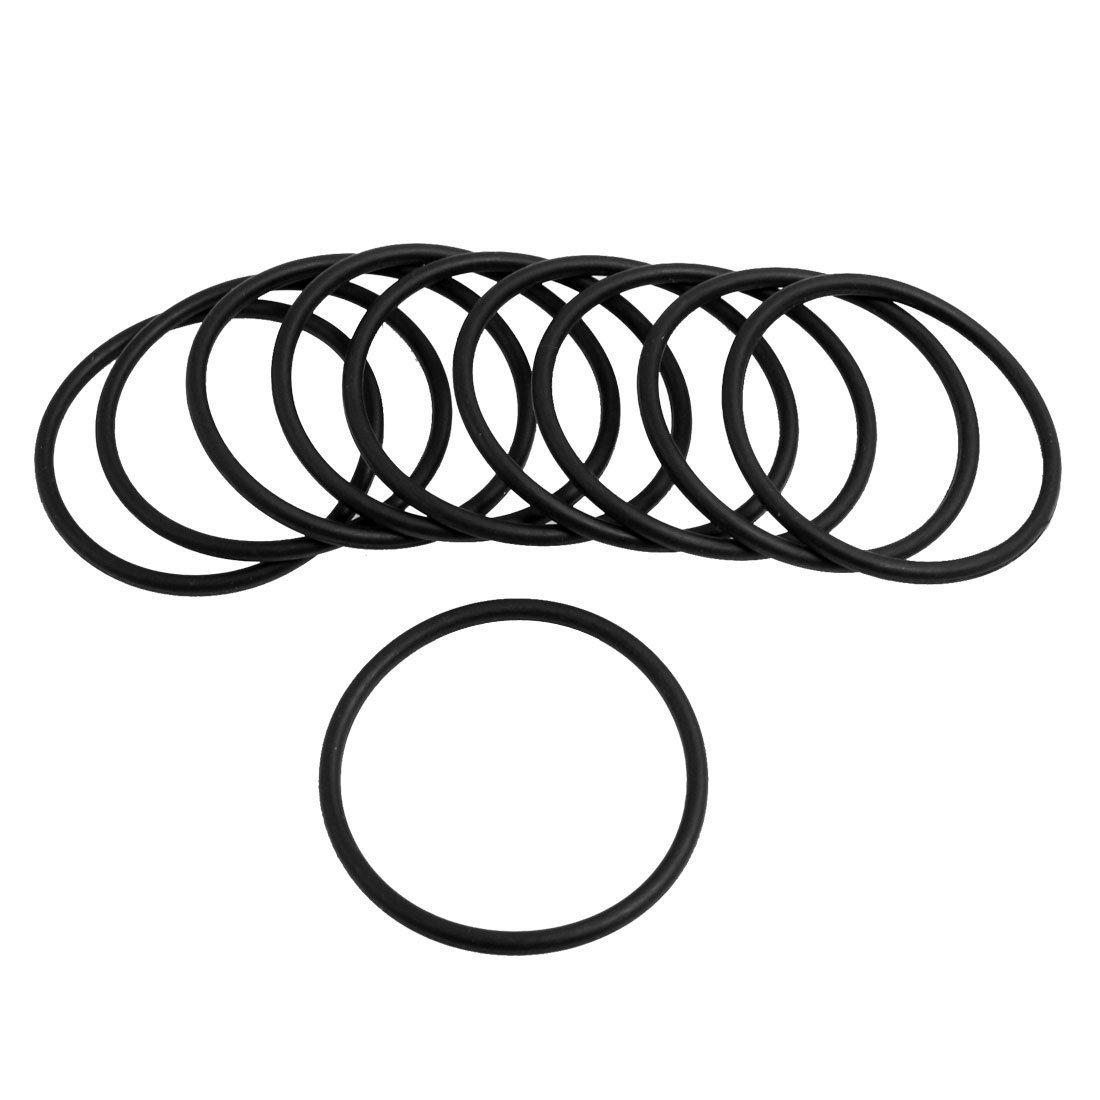 TOOGOO R 10 Stueck Schwarz Gummi Oil Seal O-Ringe Dichtungen Unterlegscheiben 20x15x2.5mm O-Ring Dichtung Unterlegscheiben